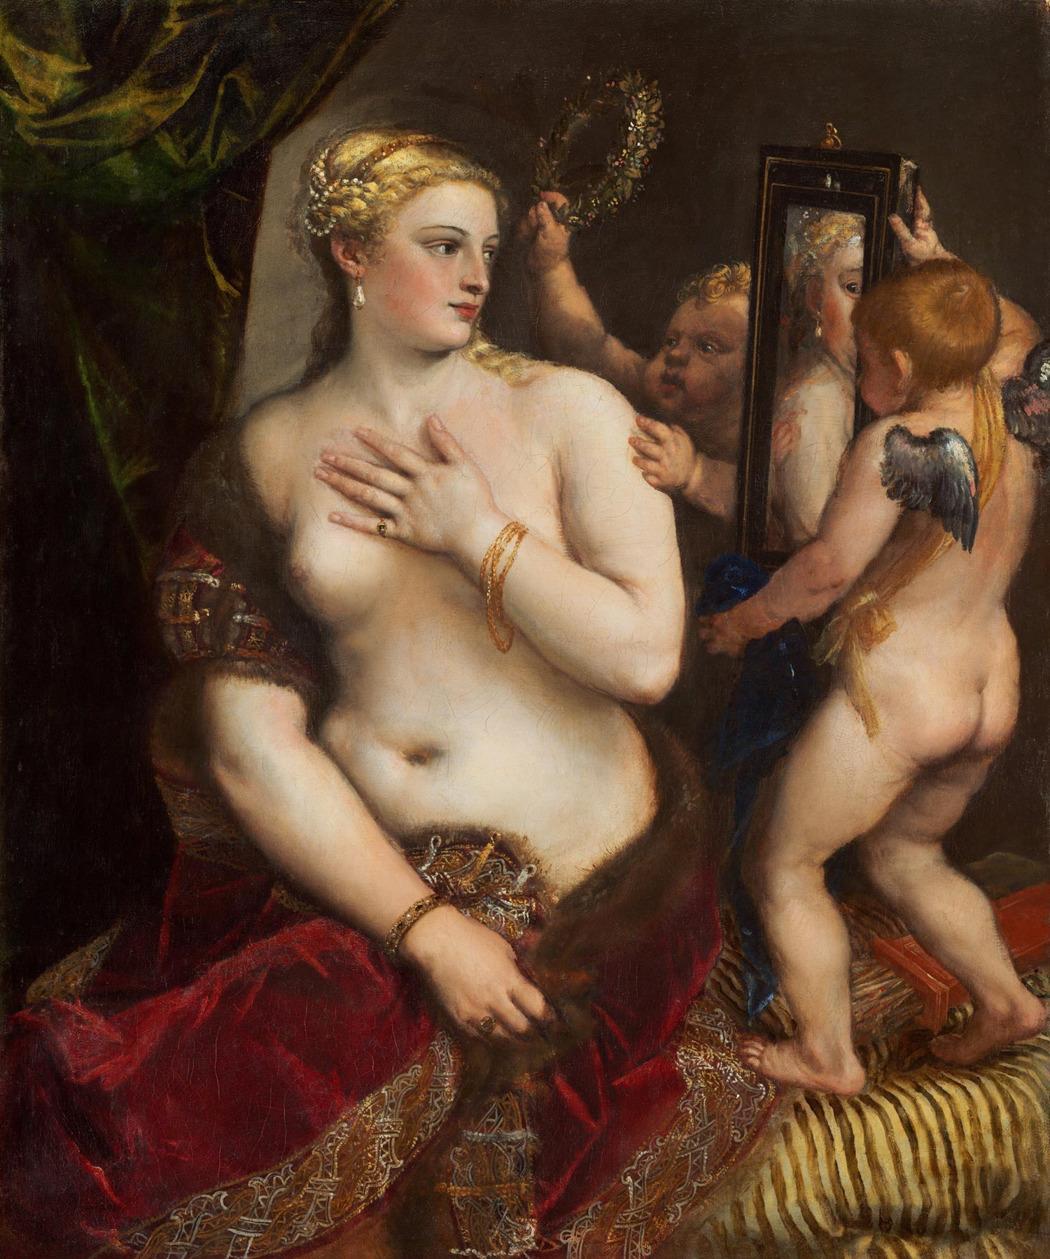 Тициан. «Венера перед зеркалом». Национальная галерея искусства, Вашингтон